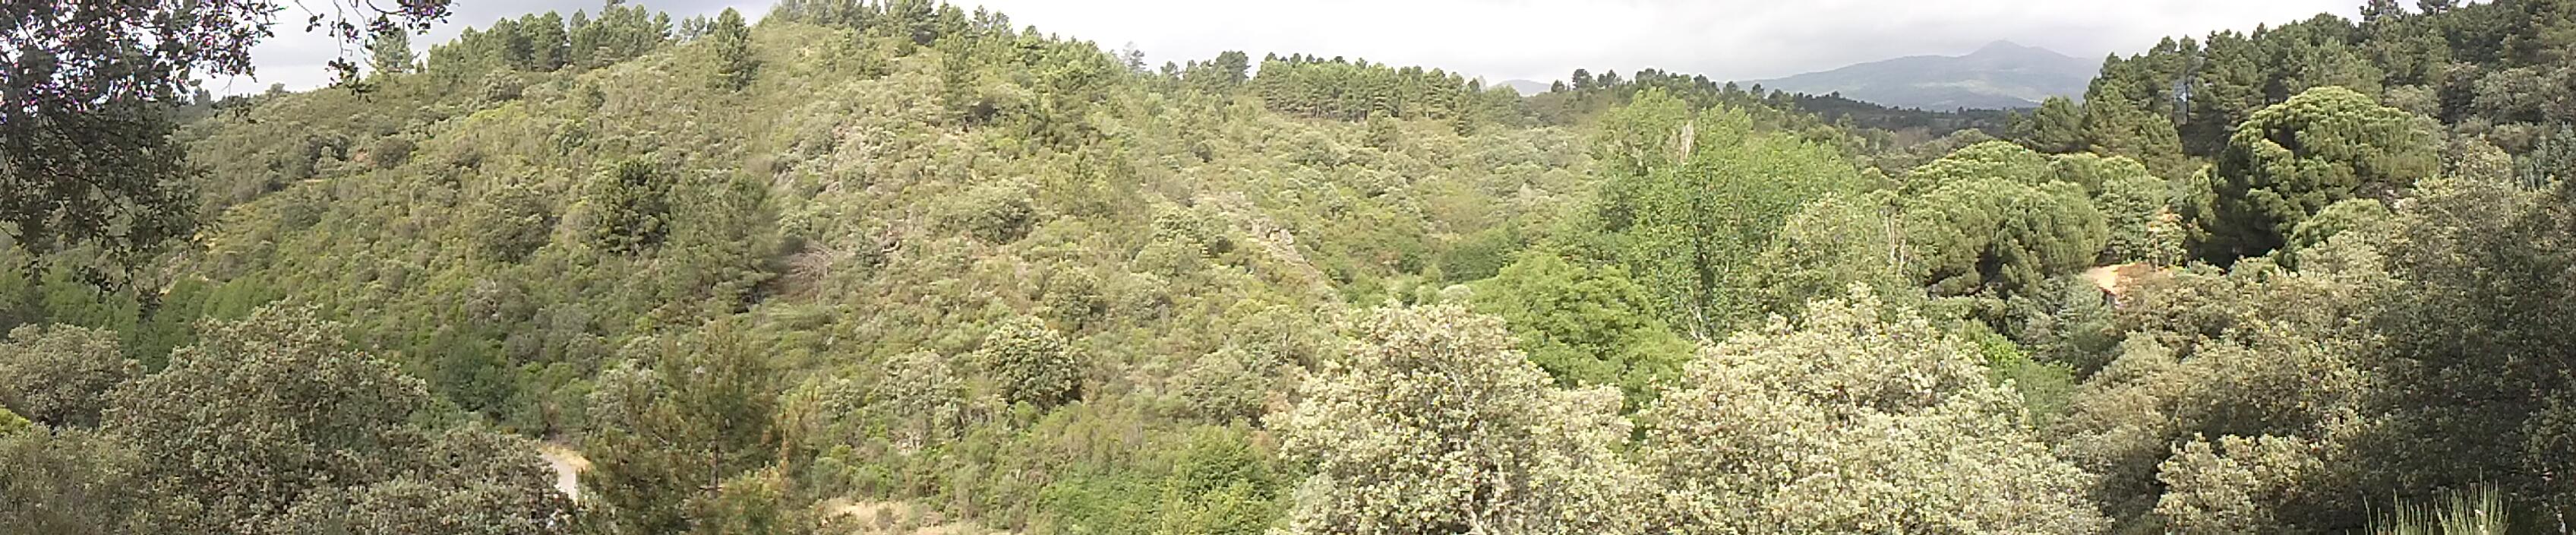 Campamento Verano, Escuela del Bosque, Hernán-Pérez, Sierra de Gata,